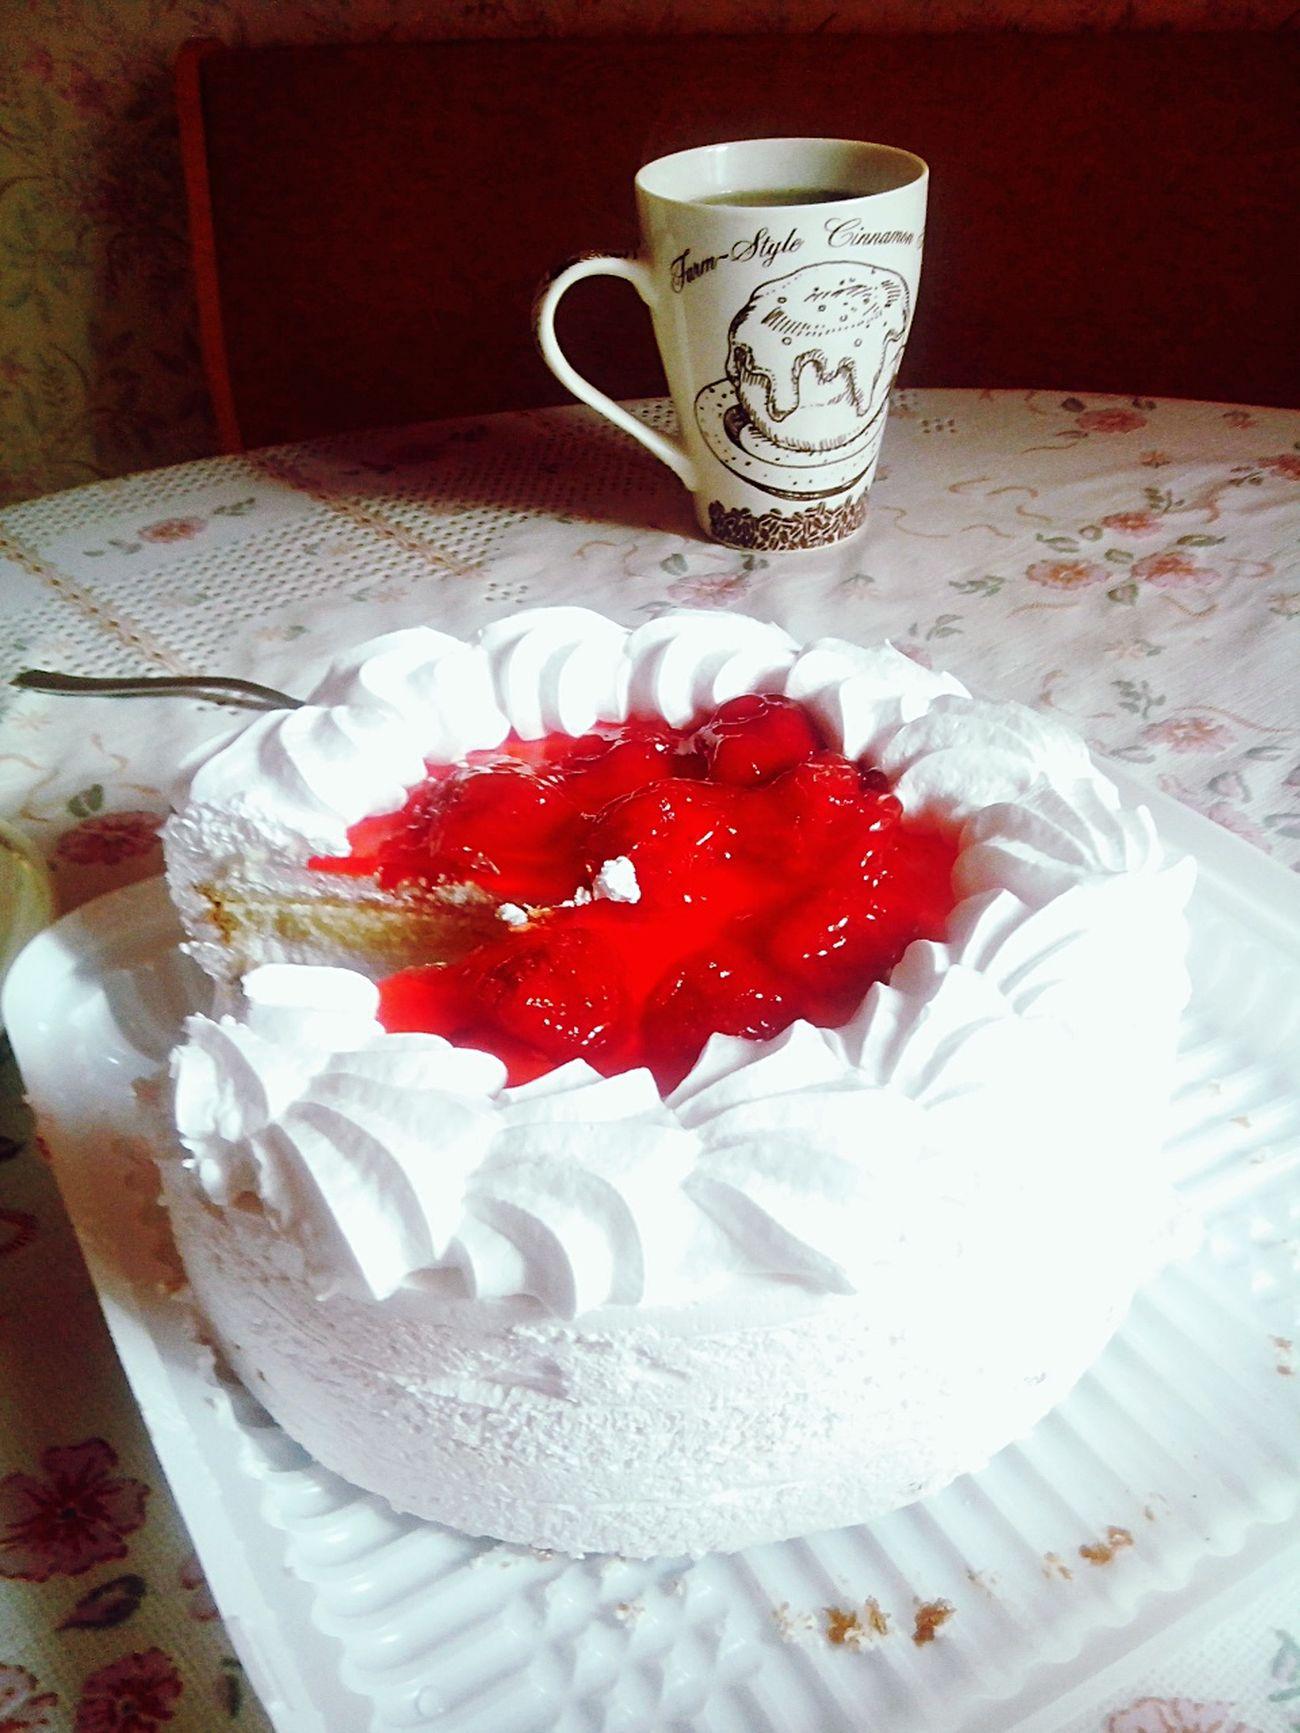 вкусняшки тортик🍰 йогуртный торт бисквит😋